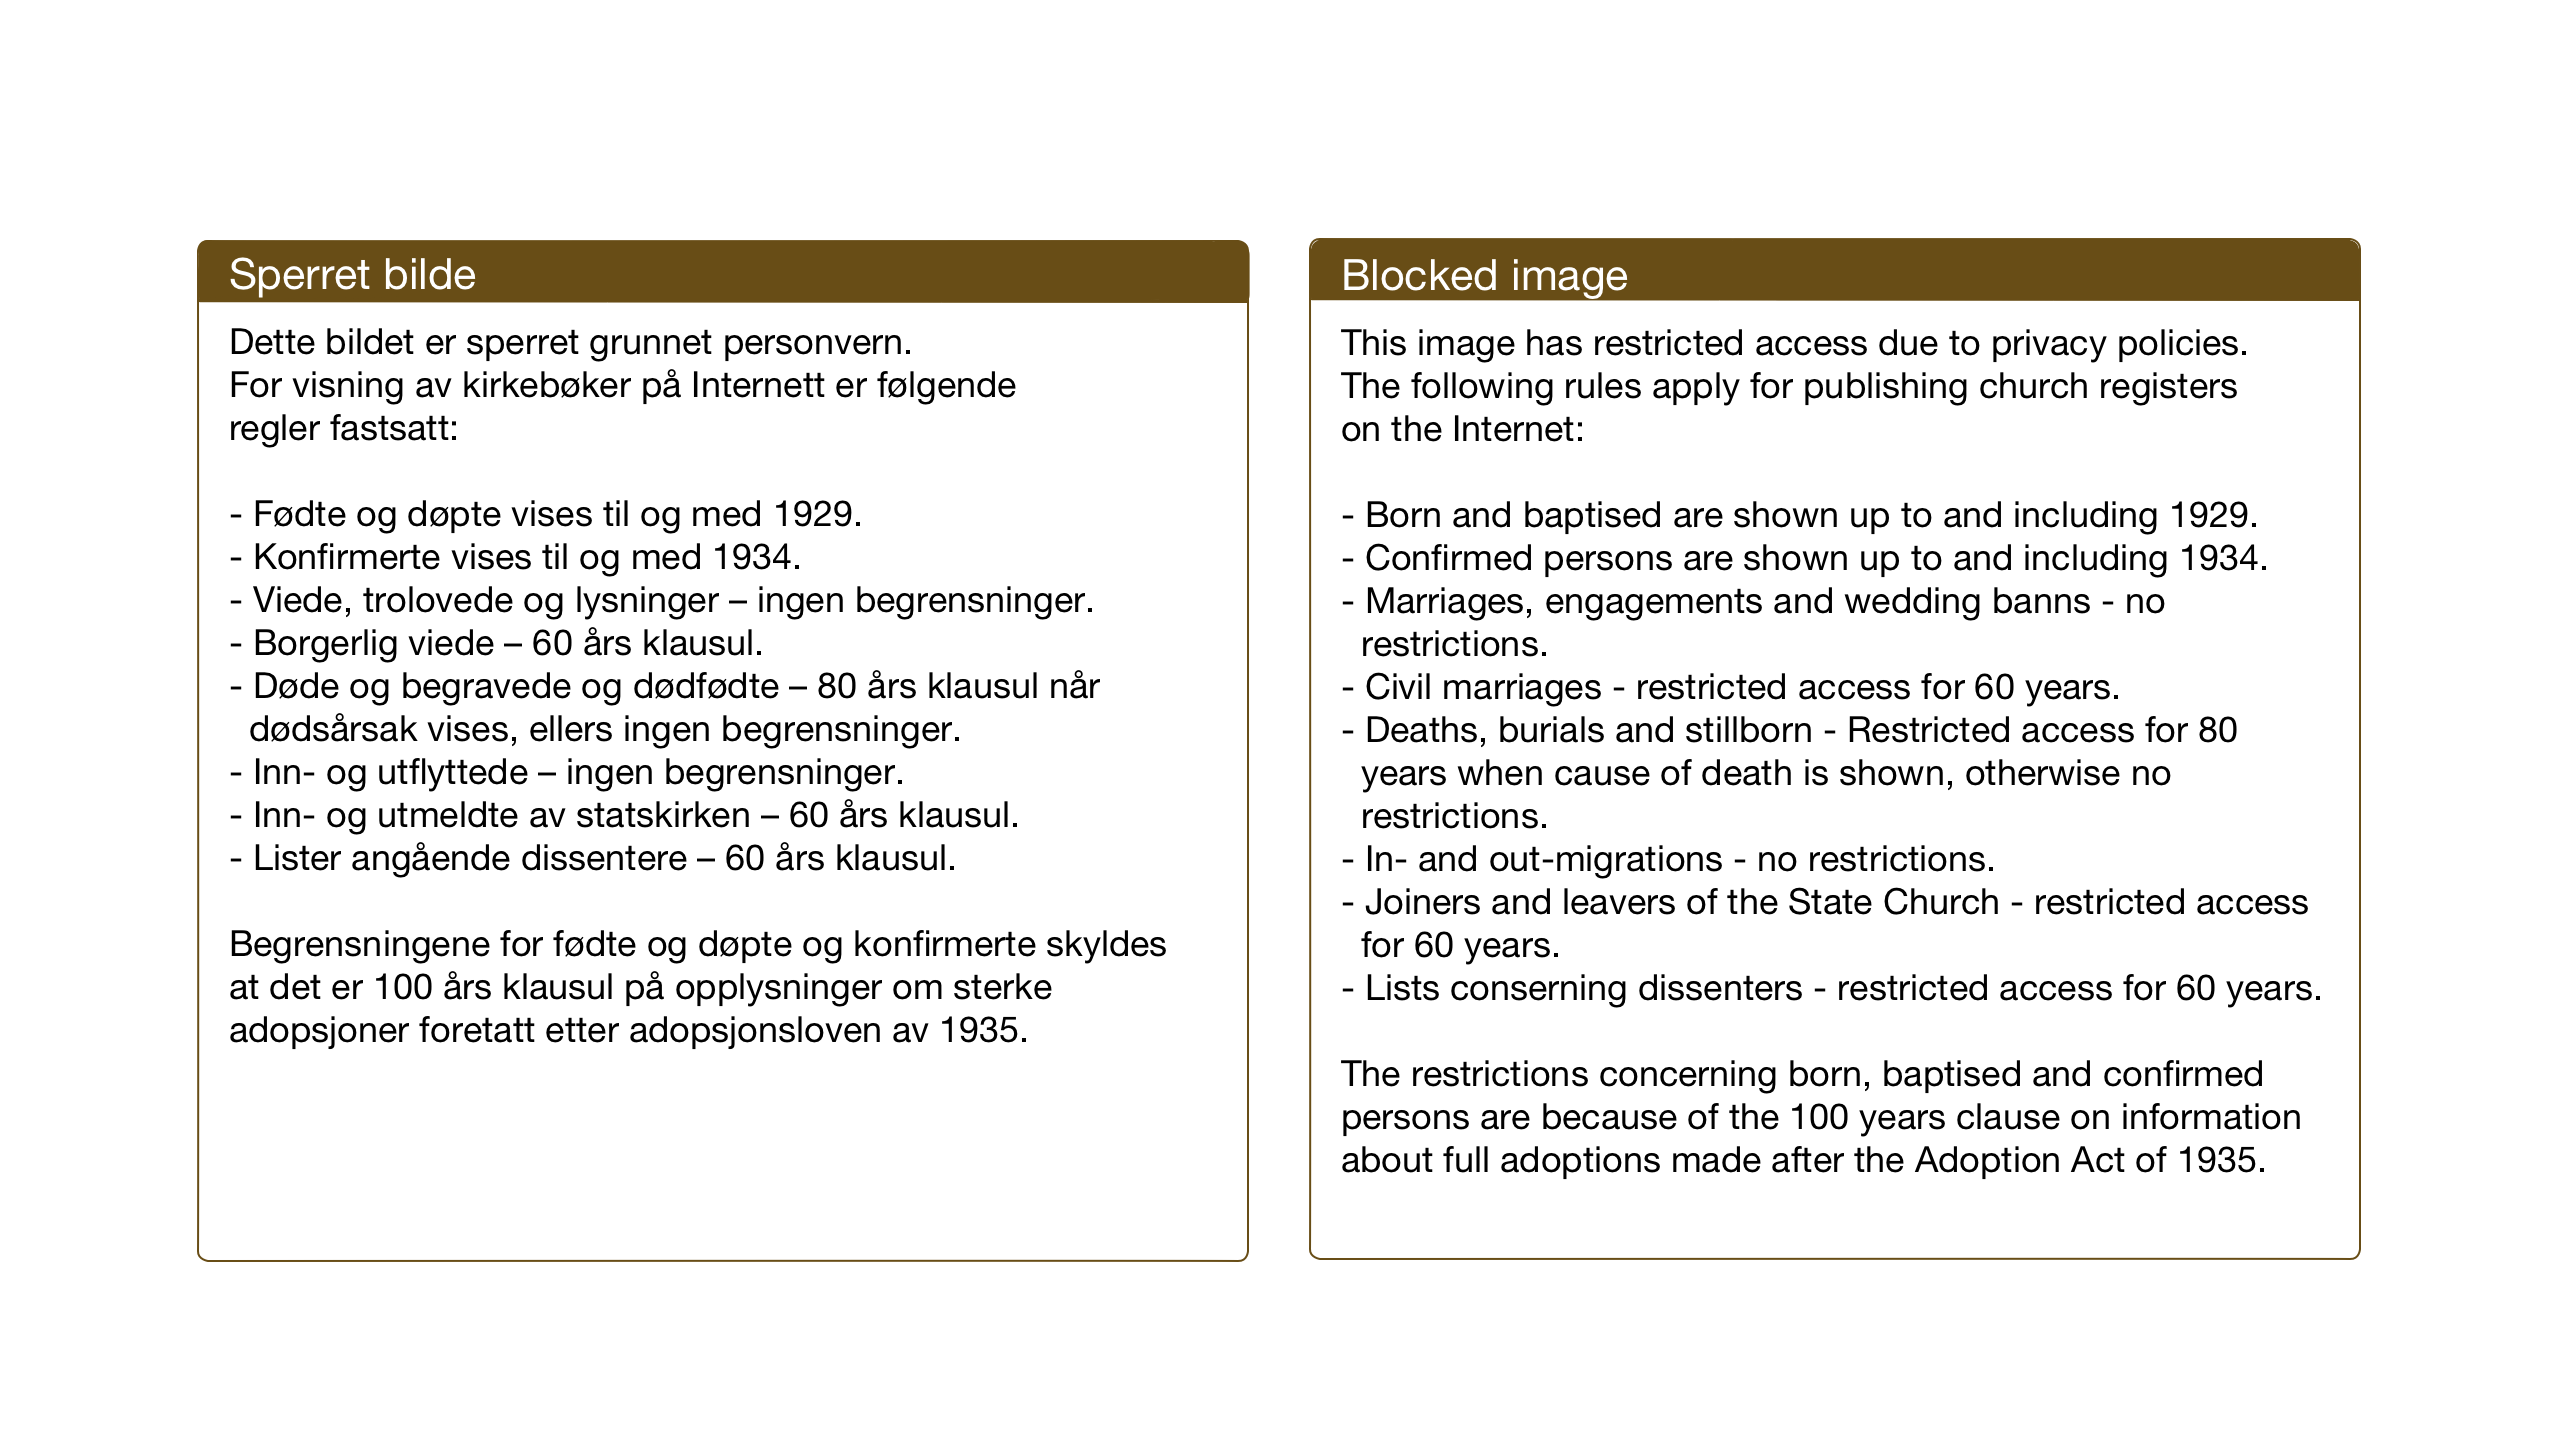 SAT, Ministerialprotokoller, klokkerbøker og fødselsregistre - Nord-Trøndelag, 774/L0631: Klokkerbok nr. 774C02, 1934-1950, s. 212